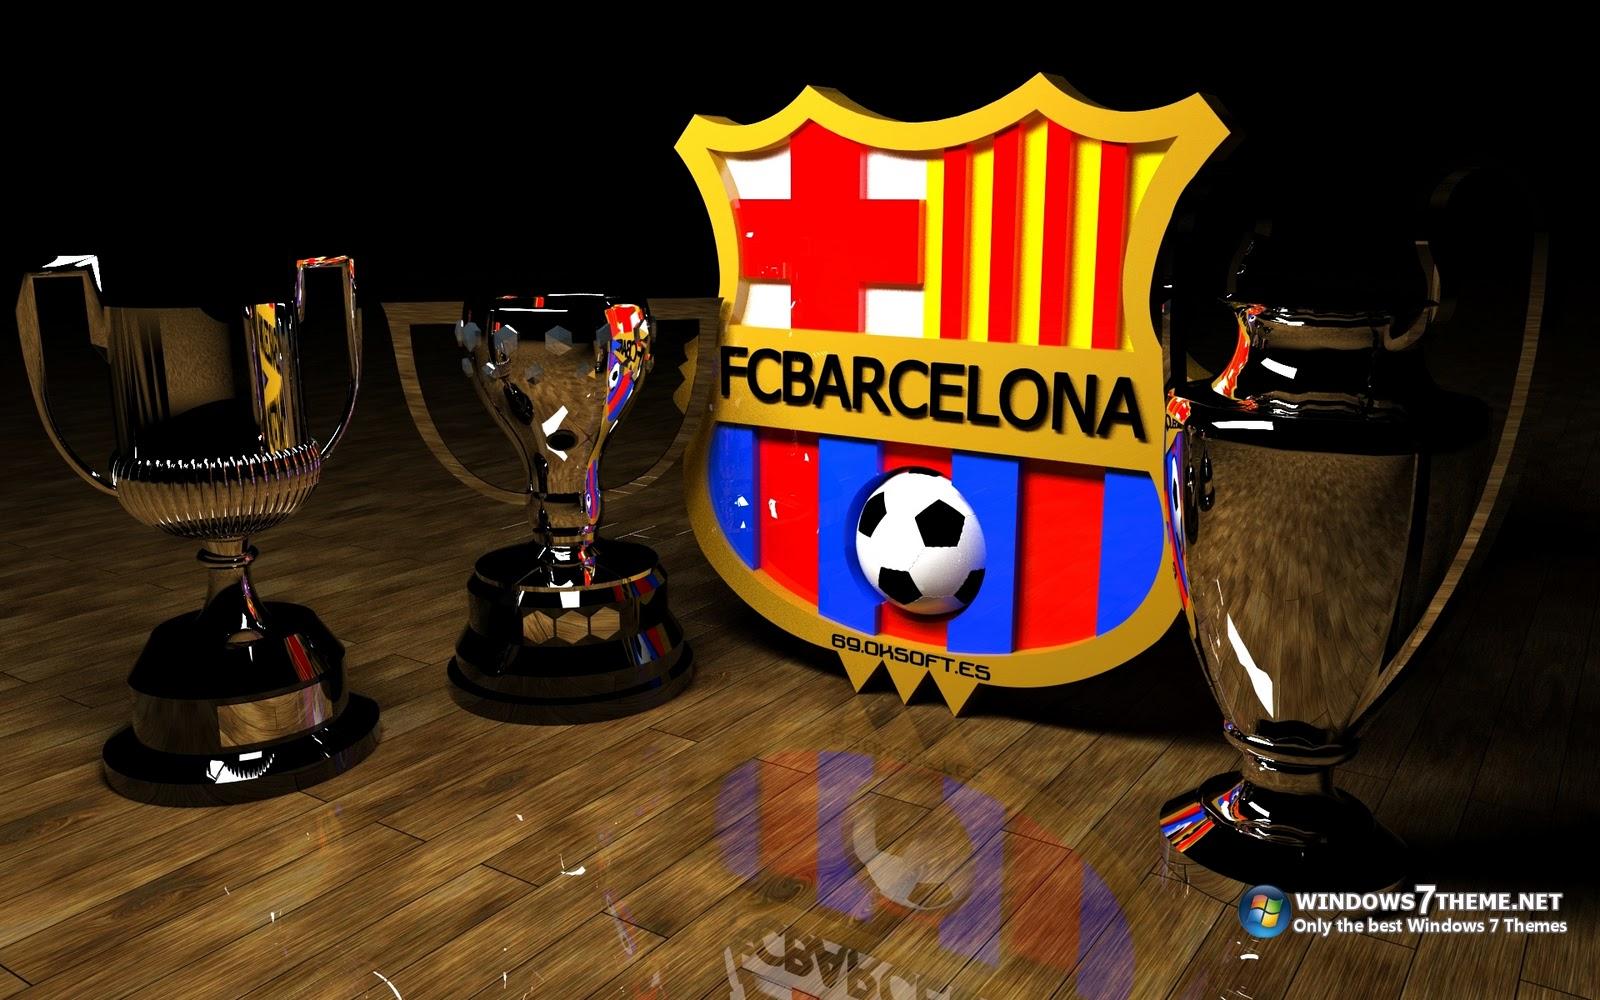 APENAS JOGOS FRACOS: Papel De Parede Do FC Barcelona Com